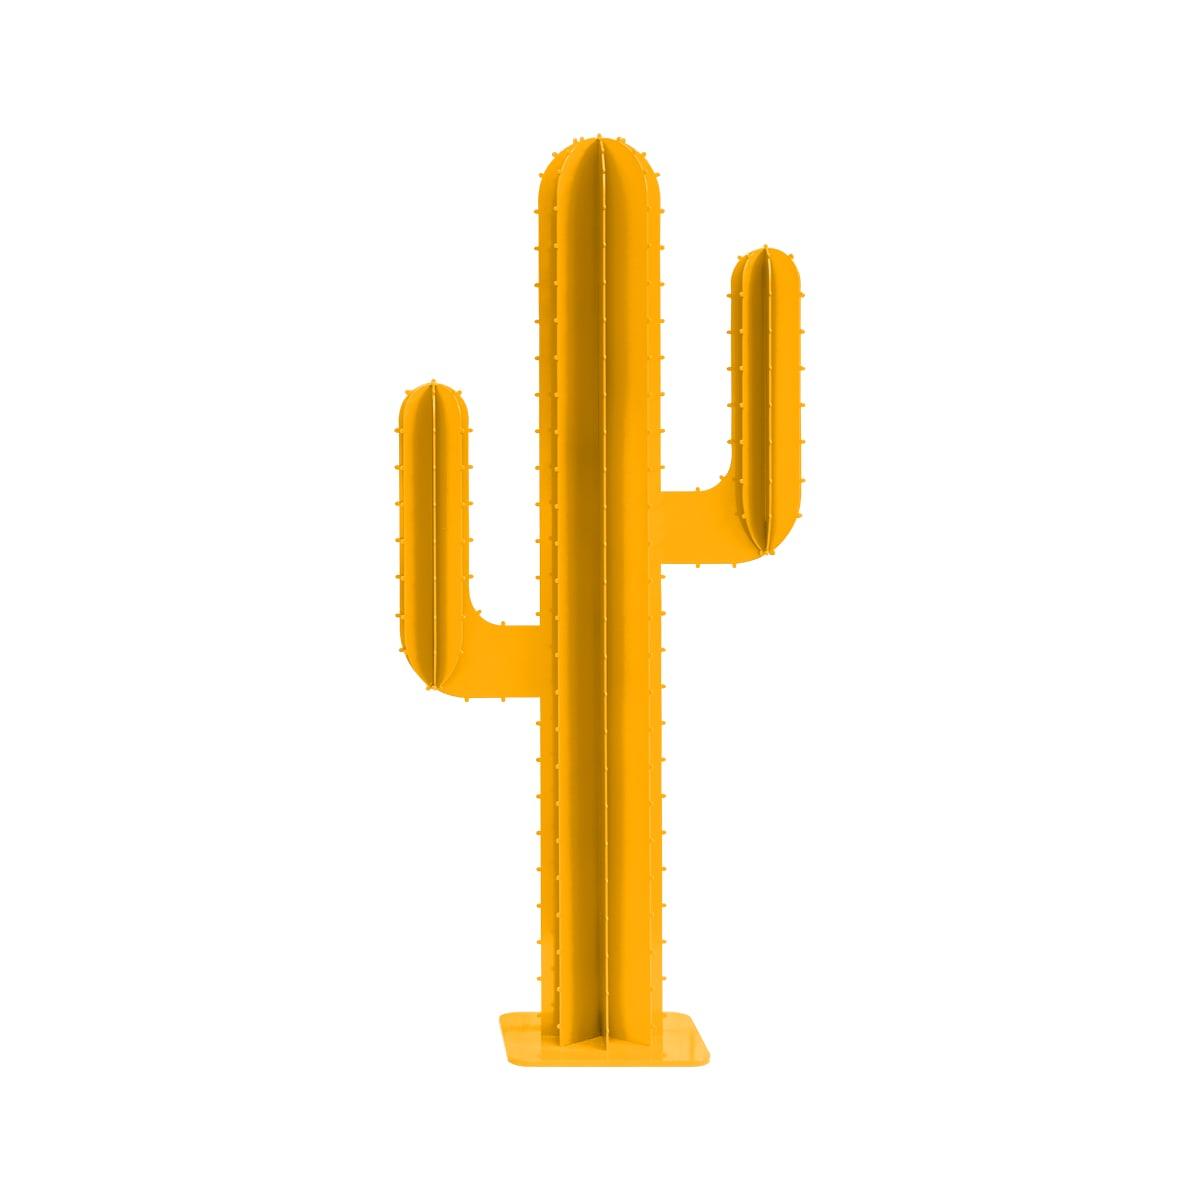 Cactus de jardin 2 branches en aluminium jaune H150cm